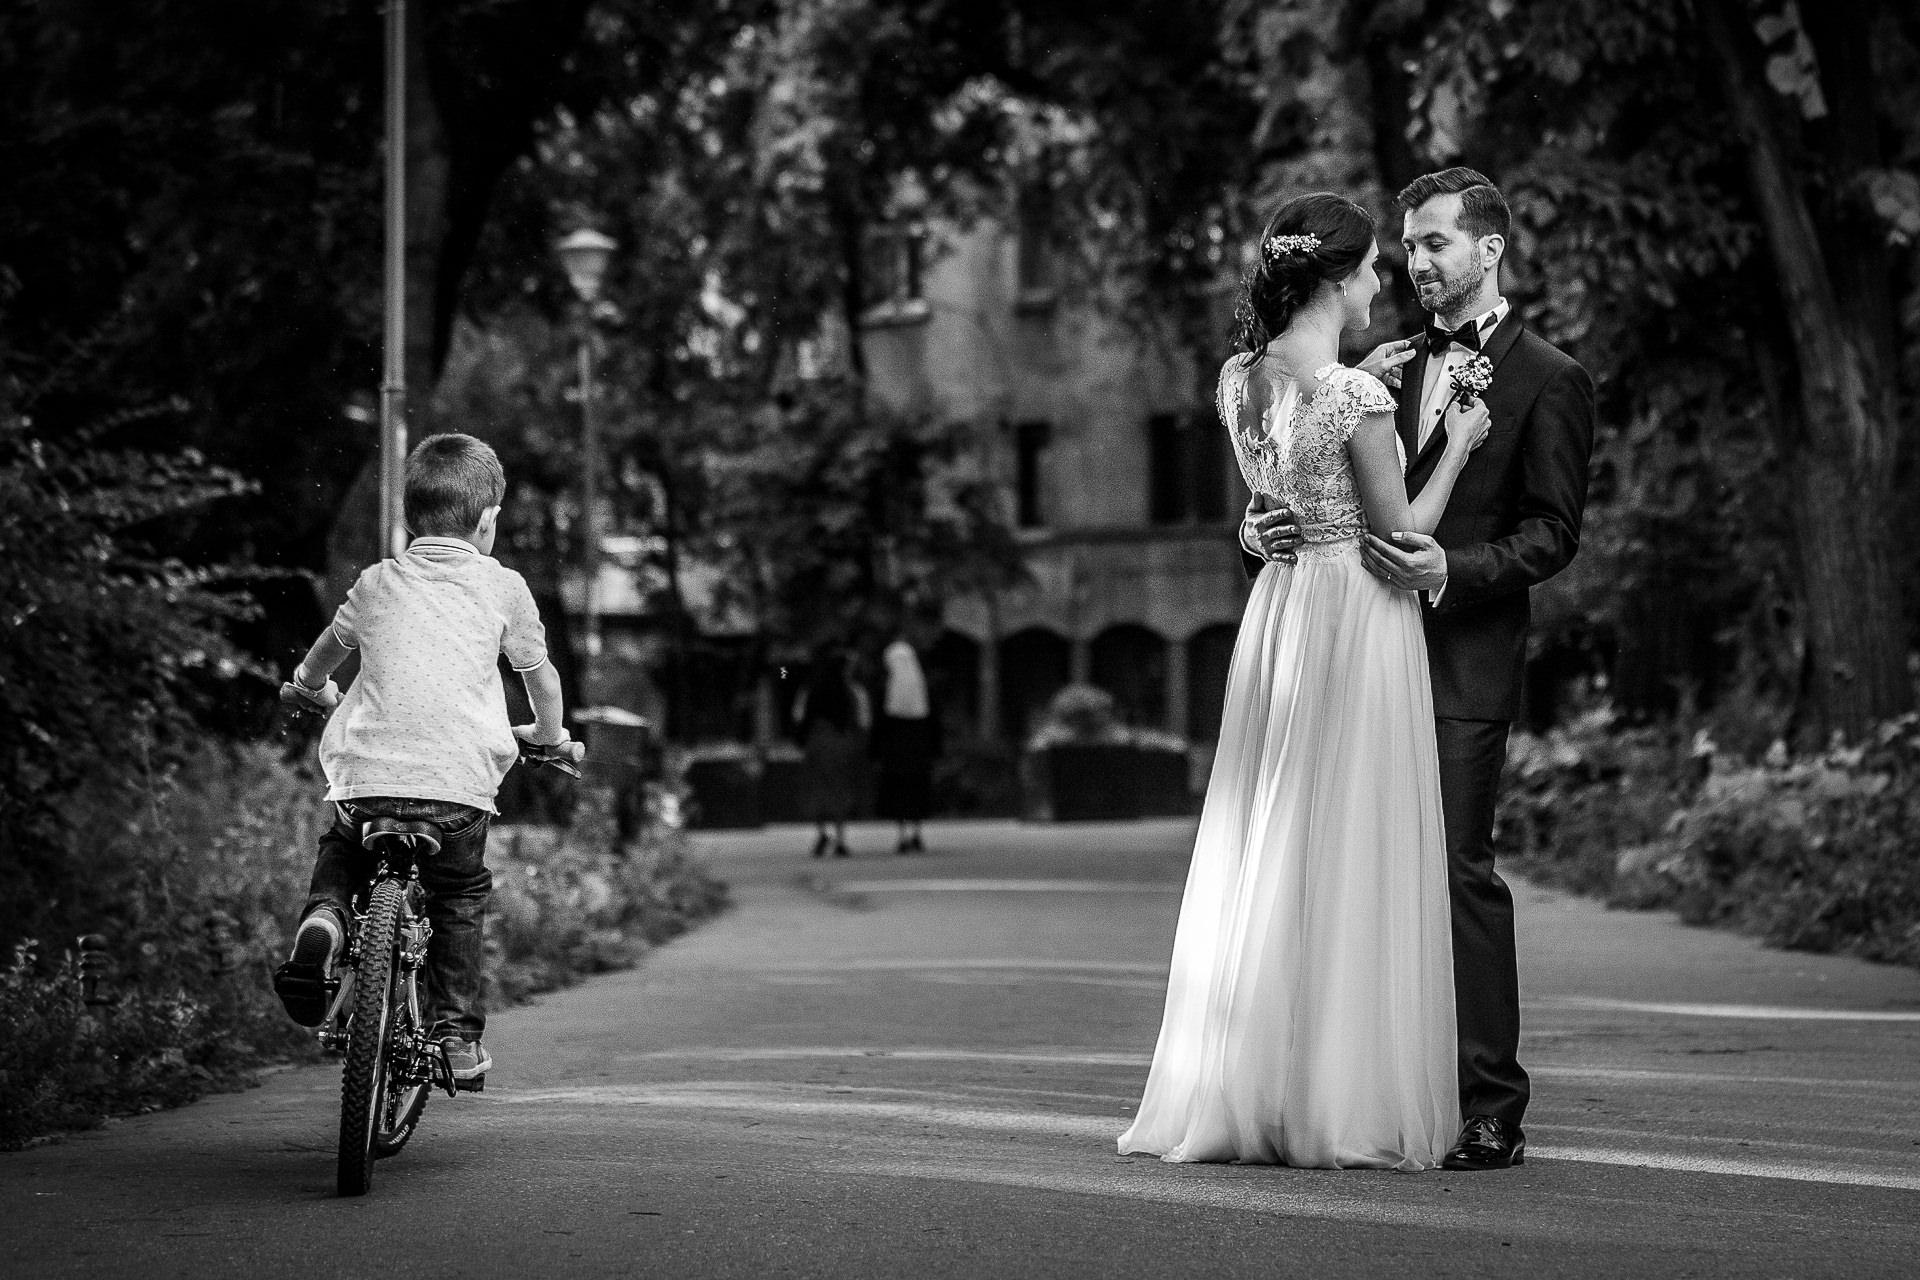 nuntă Salon Elisabeta - Elena şi Costin - Mihai Zaharia Photography - 048